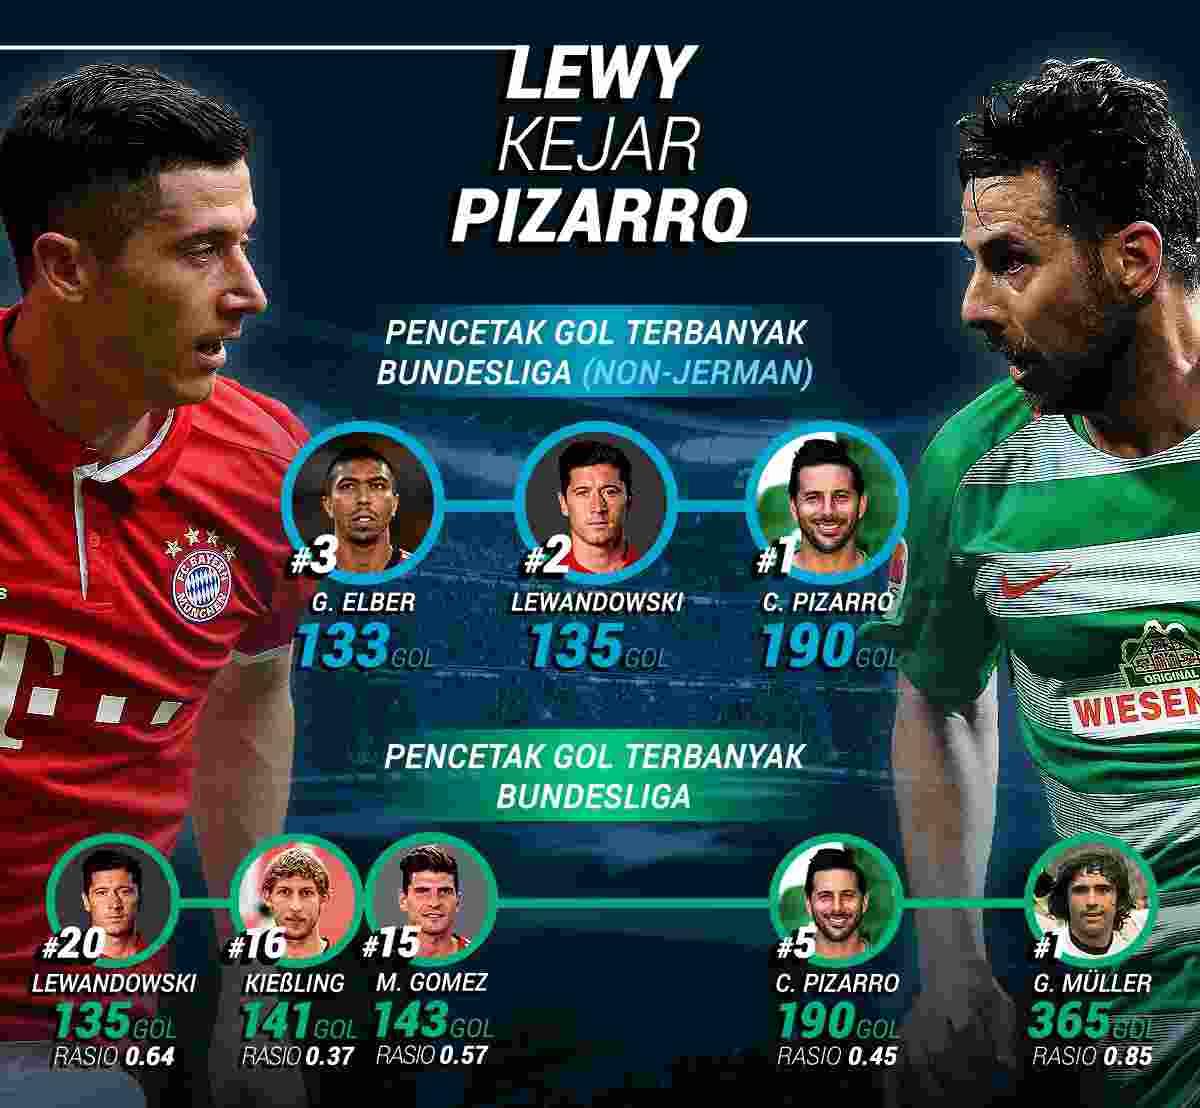 Robert Lewandowski Kejar Rekor Claudio Pizarro, Pemain Non Jerman Tersubur di Bundesliga